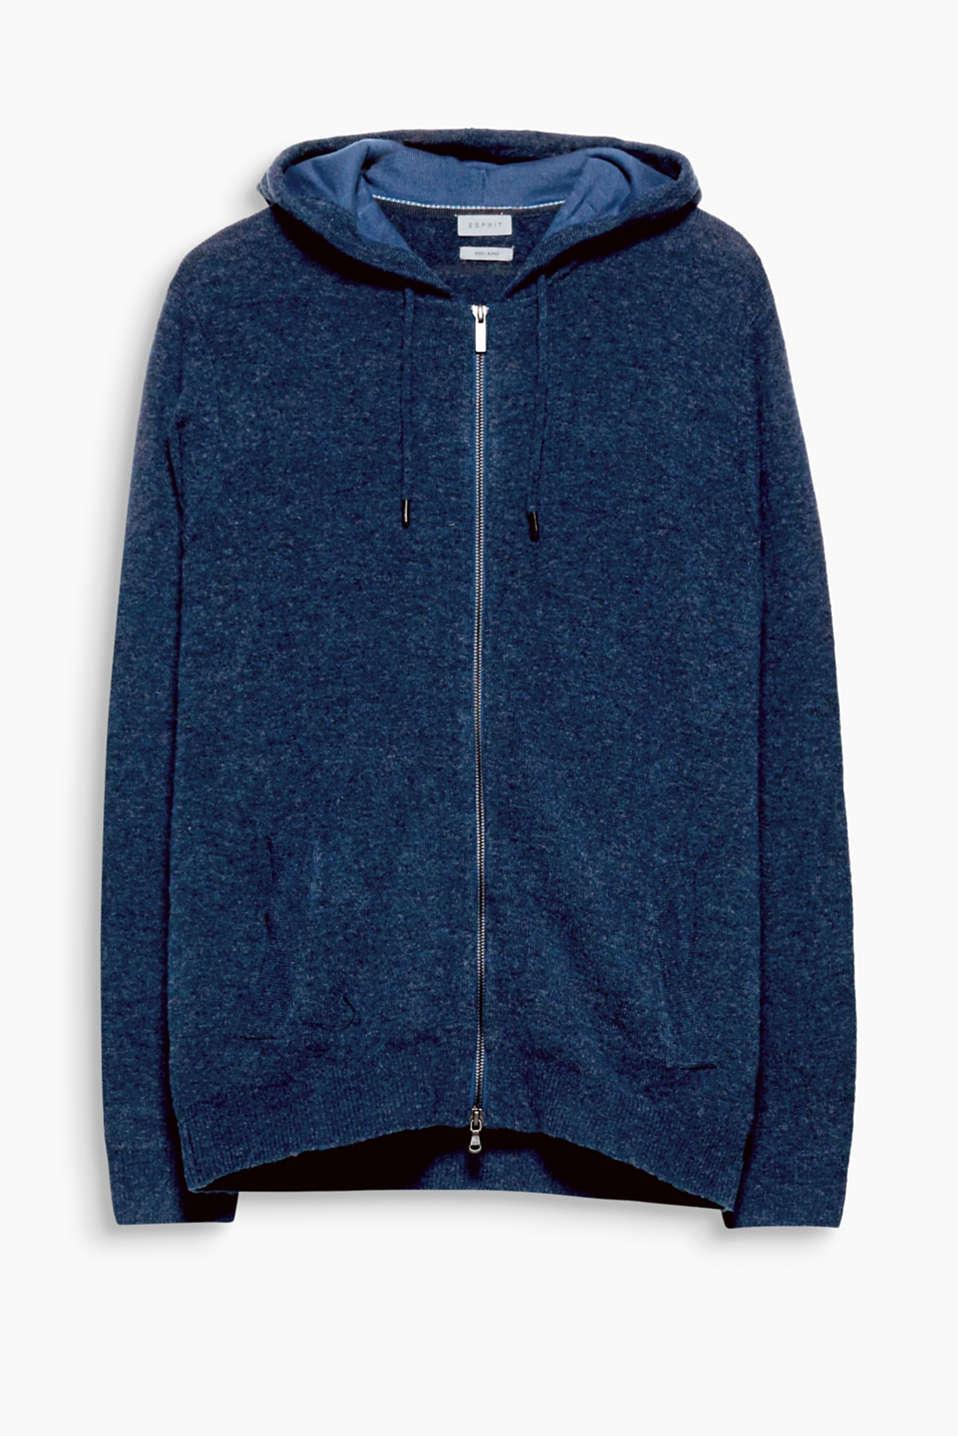 Esprit pull capuche teneur en laine acheter sur la - Acheter laine xxl ...